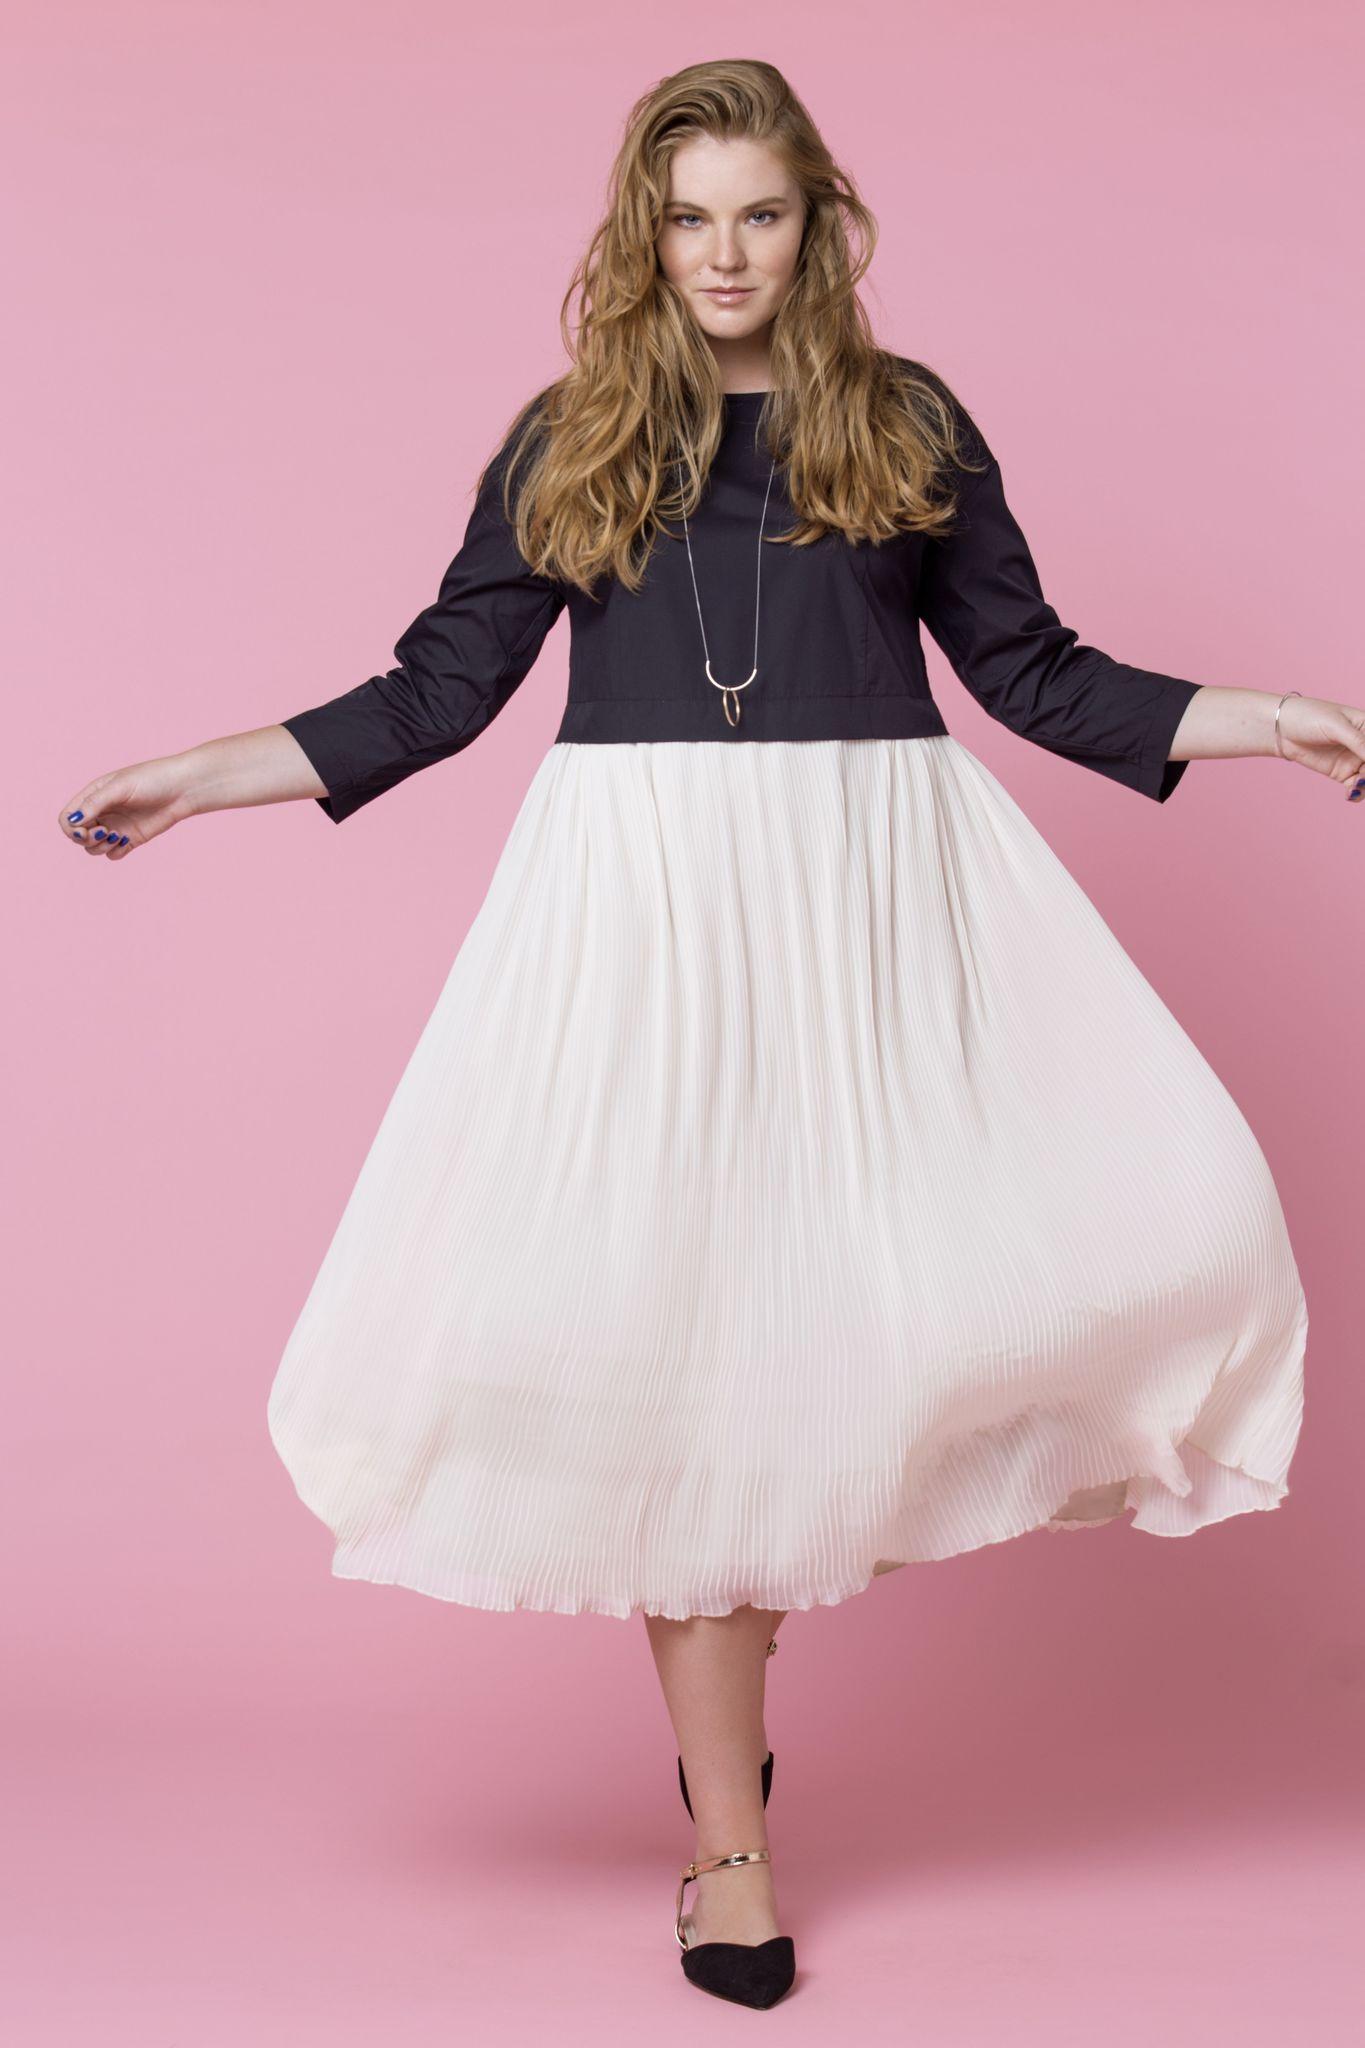 Платье LE-05 D02 01/15Платья<br>Плиссировка – это удивительный способ придавать воздушный вид тканям и одежде. Легкость и женственность дарят плиссированные платья. Платья плиссе отлично смотрятся с жакетами, кардиганами, пиджаками, кожаными и джинсовыми куртками. Такой верх приглушает беспечность или подчеркивает нежность платья. Для офиса будет уместна классическая лодочка, лофферы, балетки. На прогулке: сандалии, плоские и на платформе, открытые босоножки. В нашем платье мы используем классическое сочетание черного верха из плотного хлопка и светлого плиссированного воздушного низа, благодаря чему, оно придает образу изысканности и женственности. Рост модели на фото 179 см, размер - 54 российский.<br>